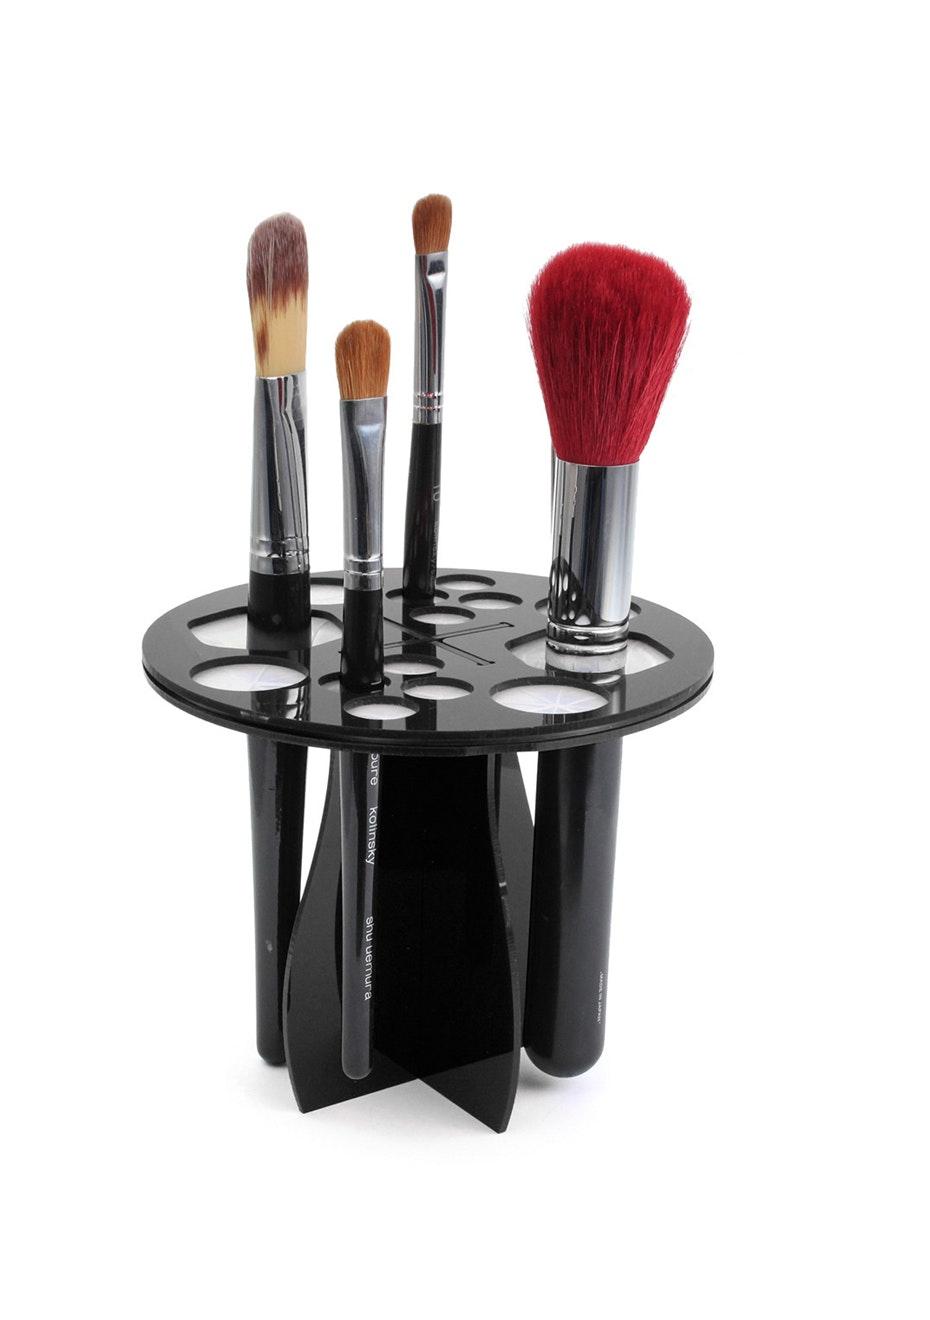 Makeup Brush Rack Storage Holder Stand & Dryer -Black